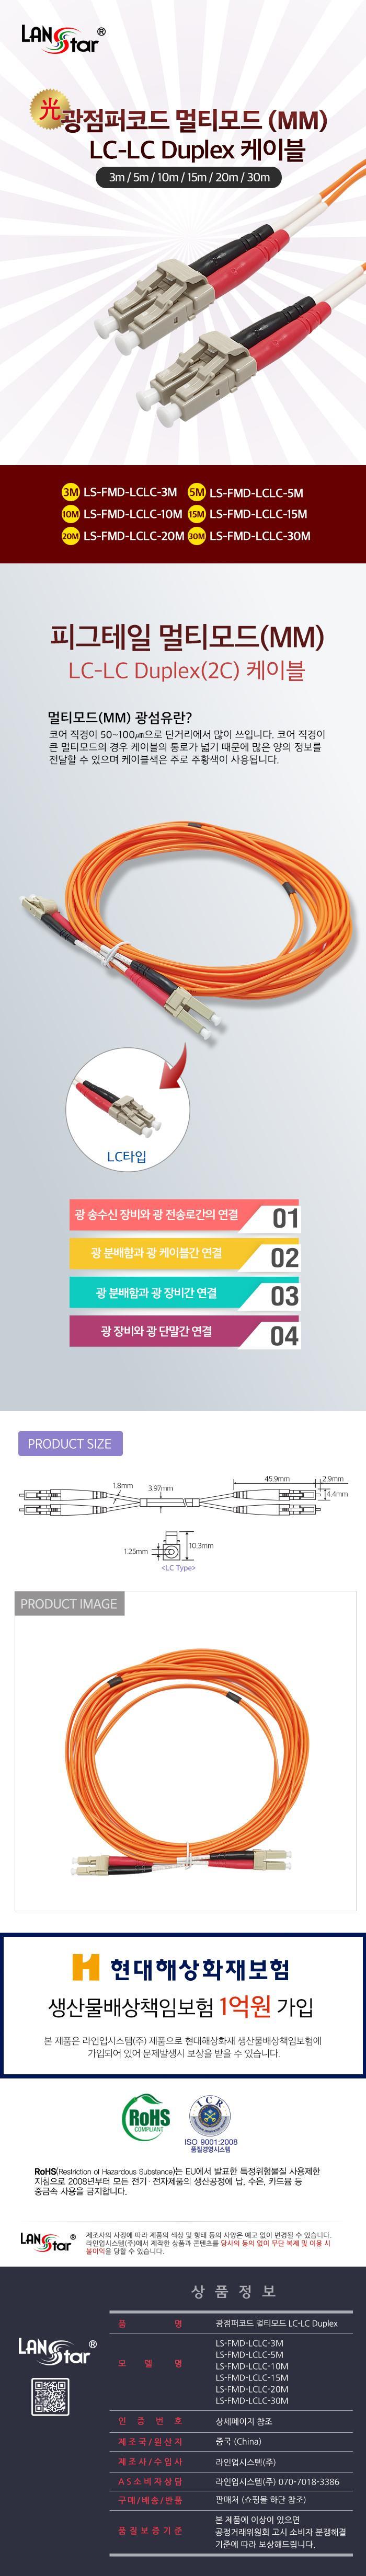 라인업시스템 LANSTAR LS-FMD-LCLC 광점퍼코드 멀티모드 LC-LC Duplex 케이블 (20m)